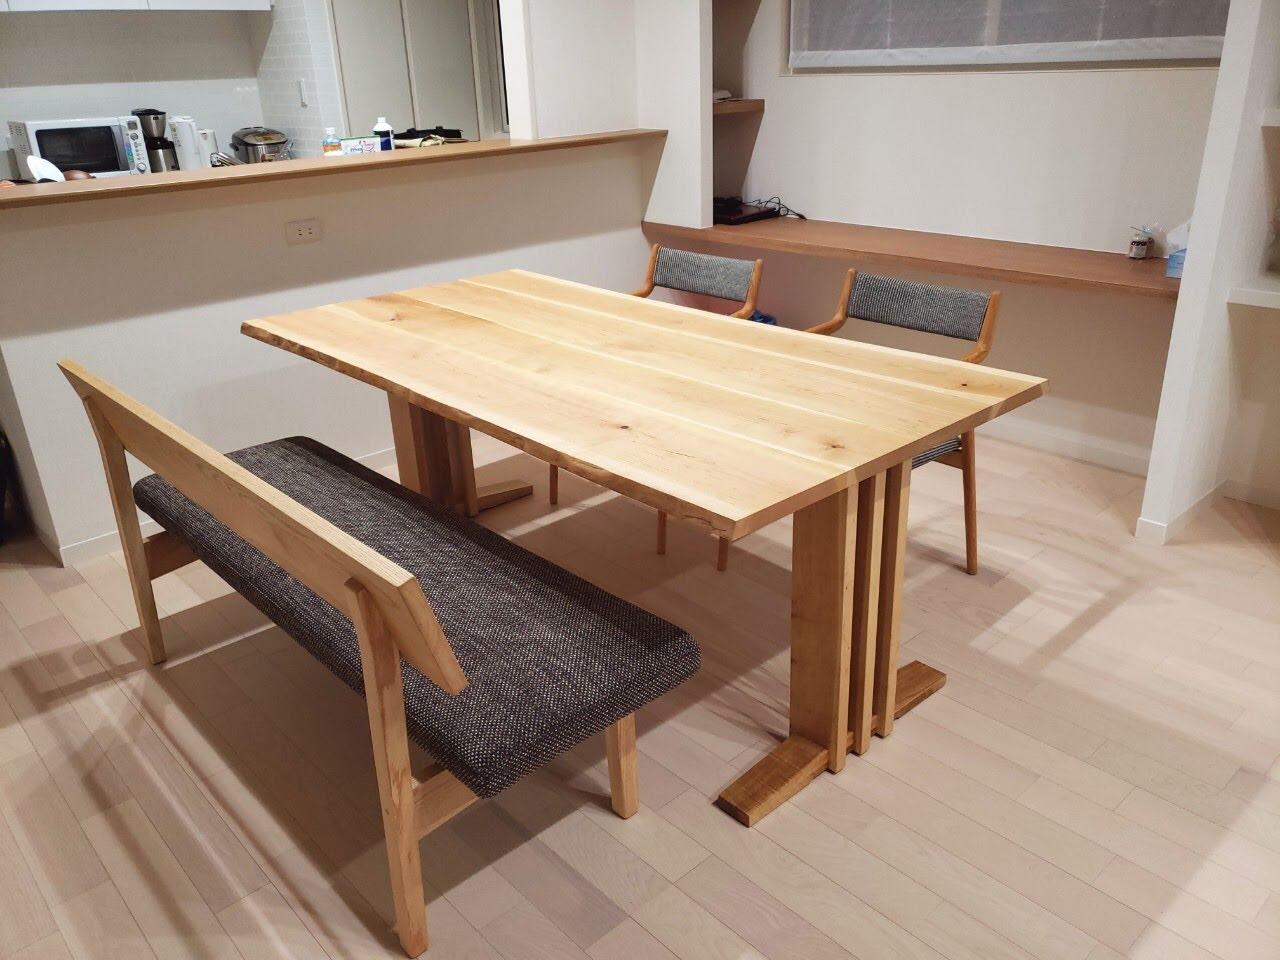 鬼グルミの耳付きオリジナルテーブルを新潟市江南区にお届けしました